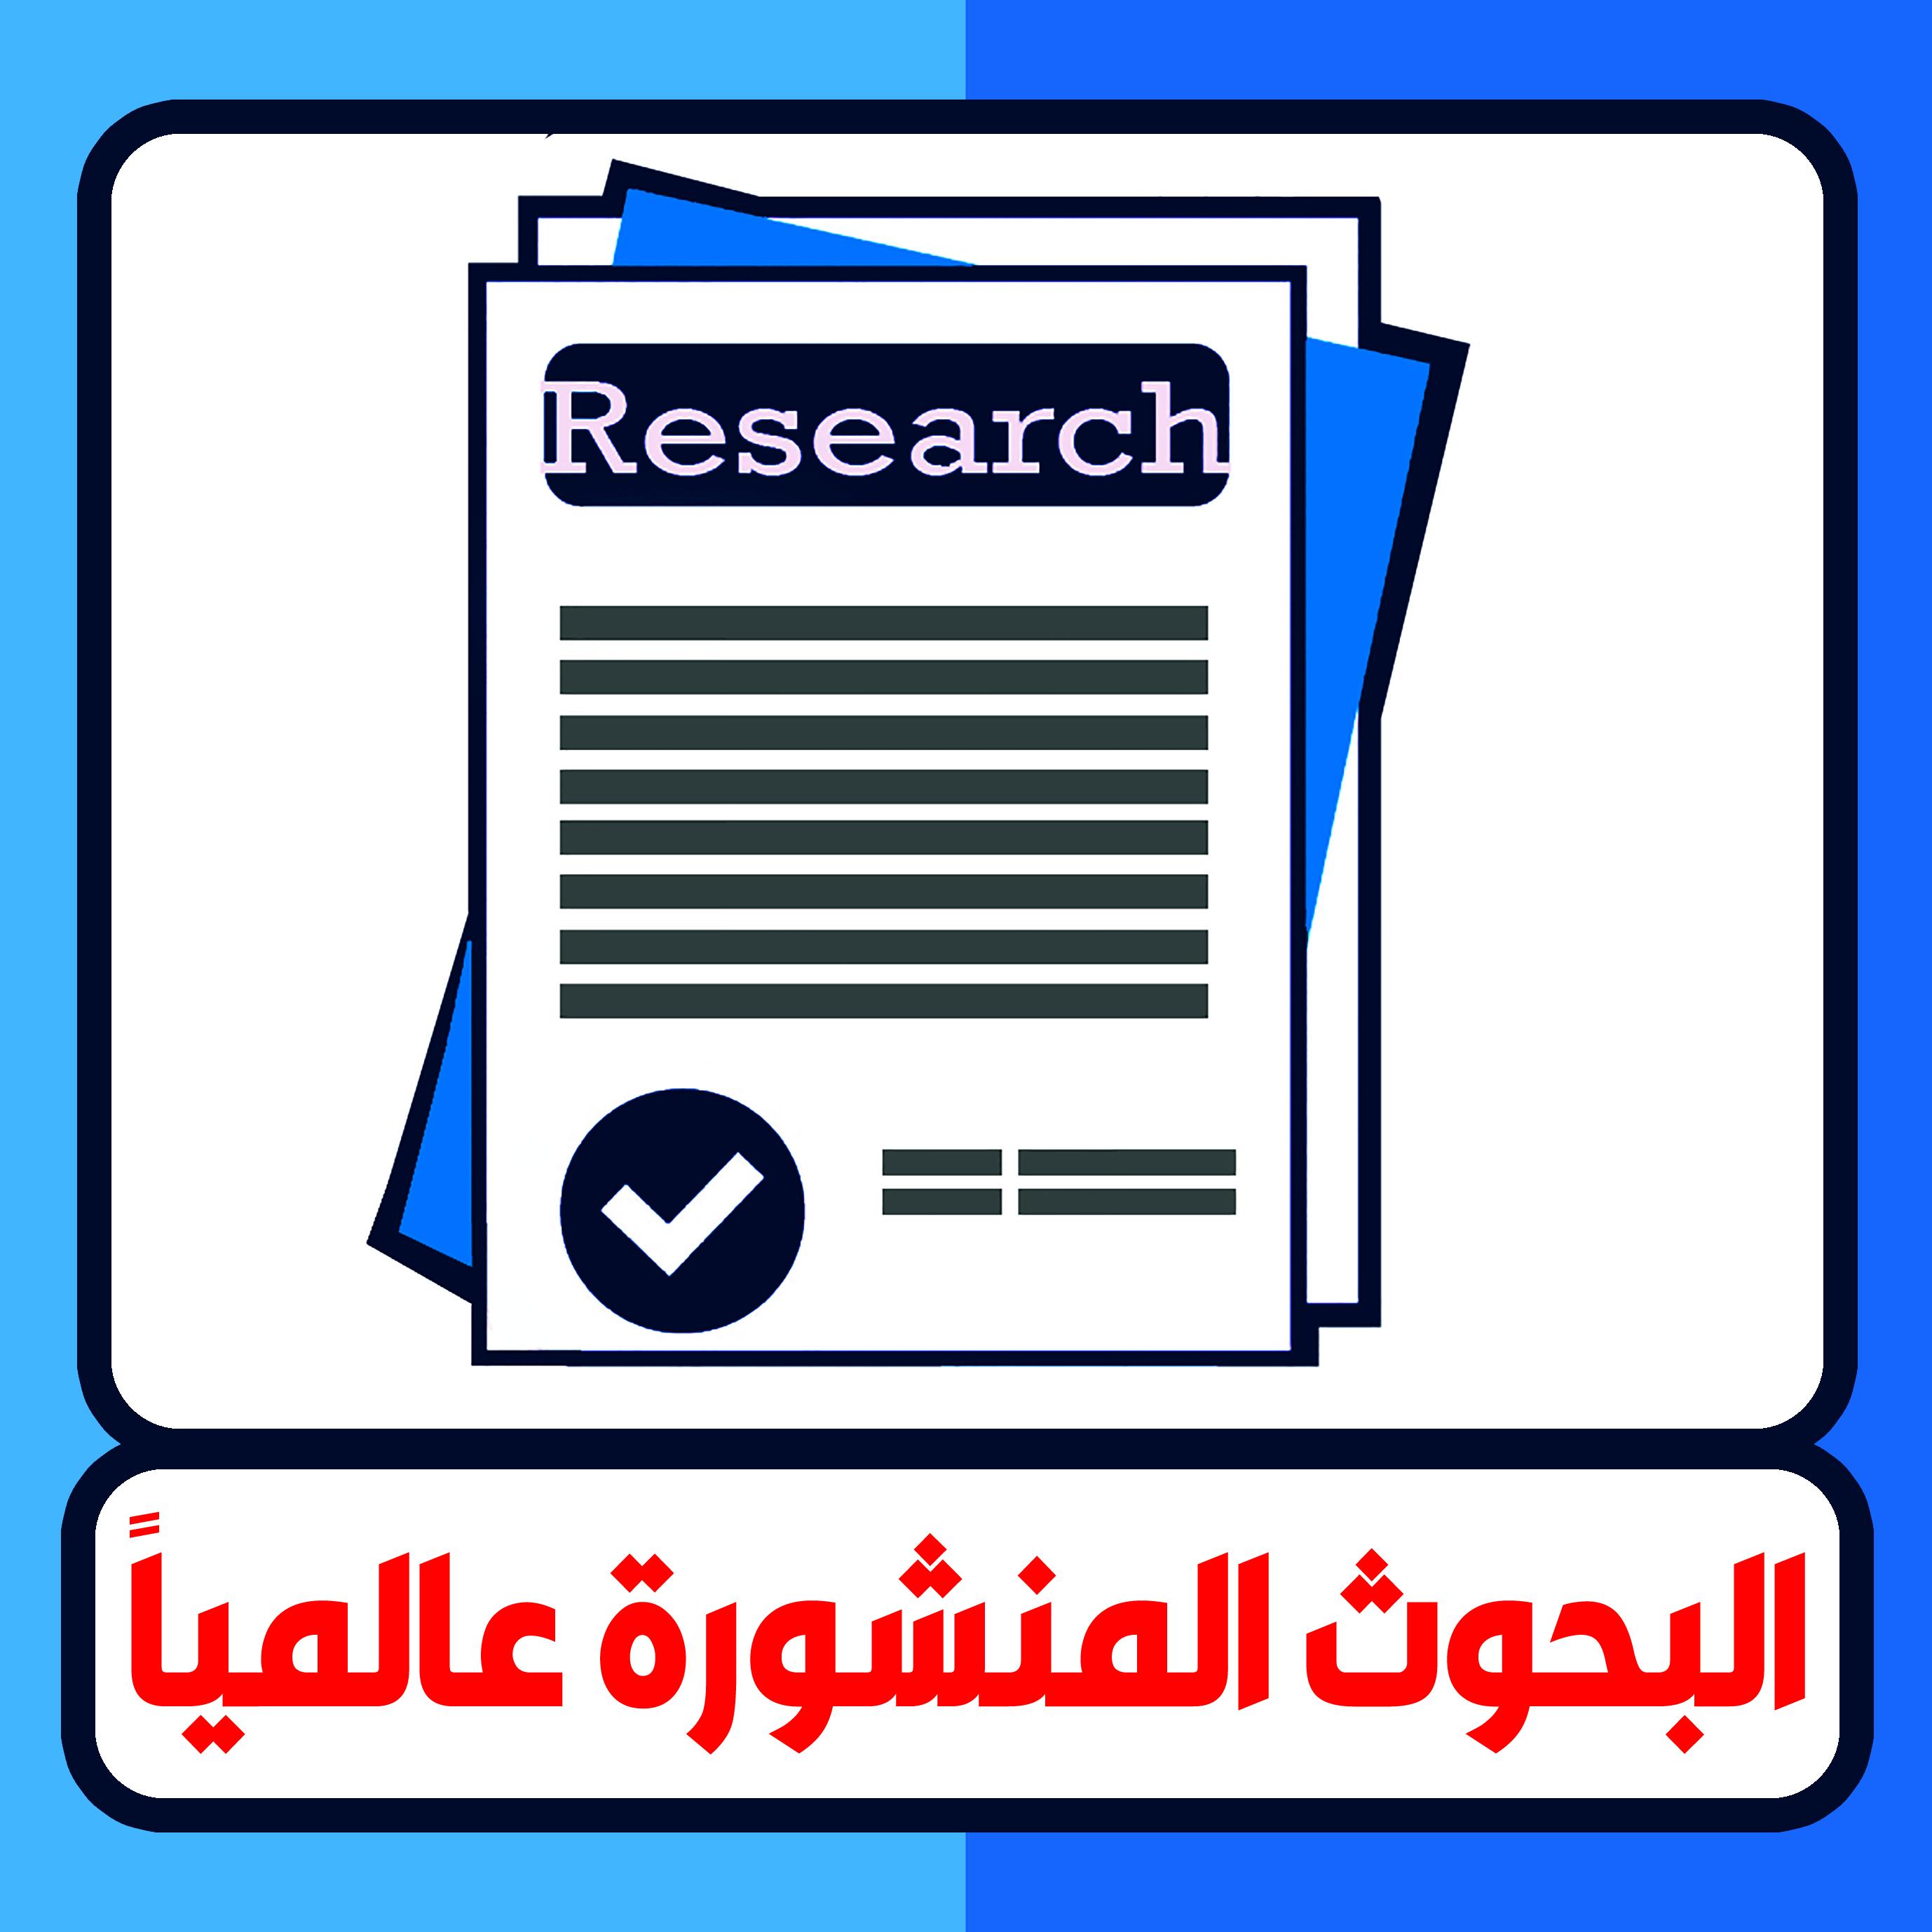 البحوث المنشورة عالمياً